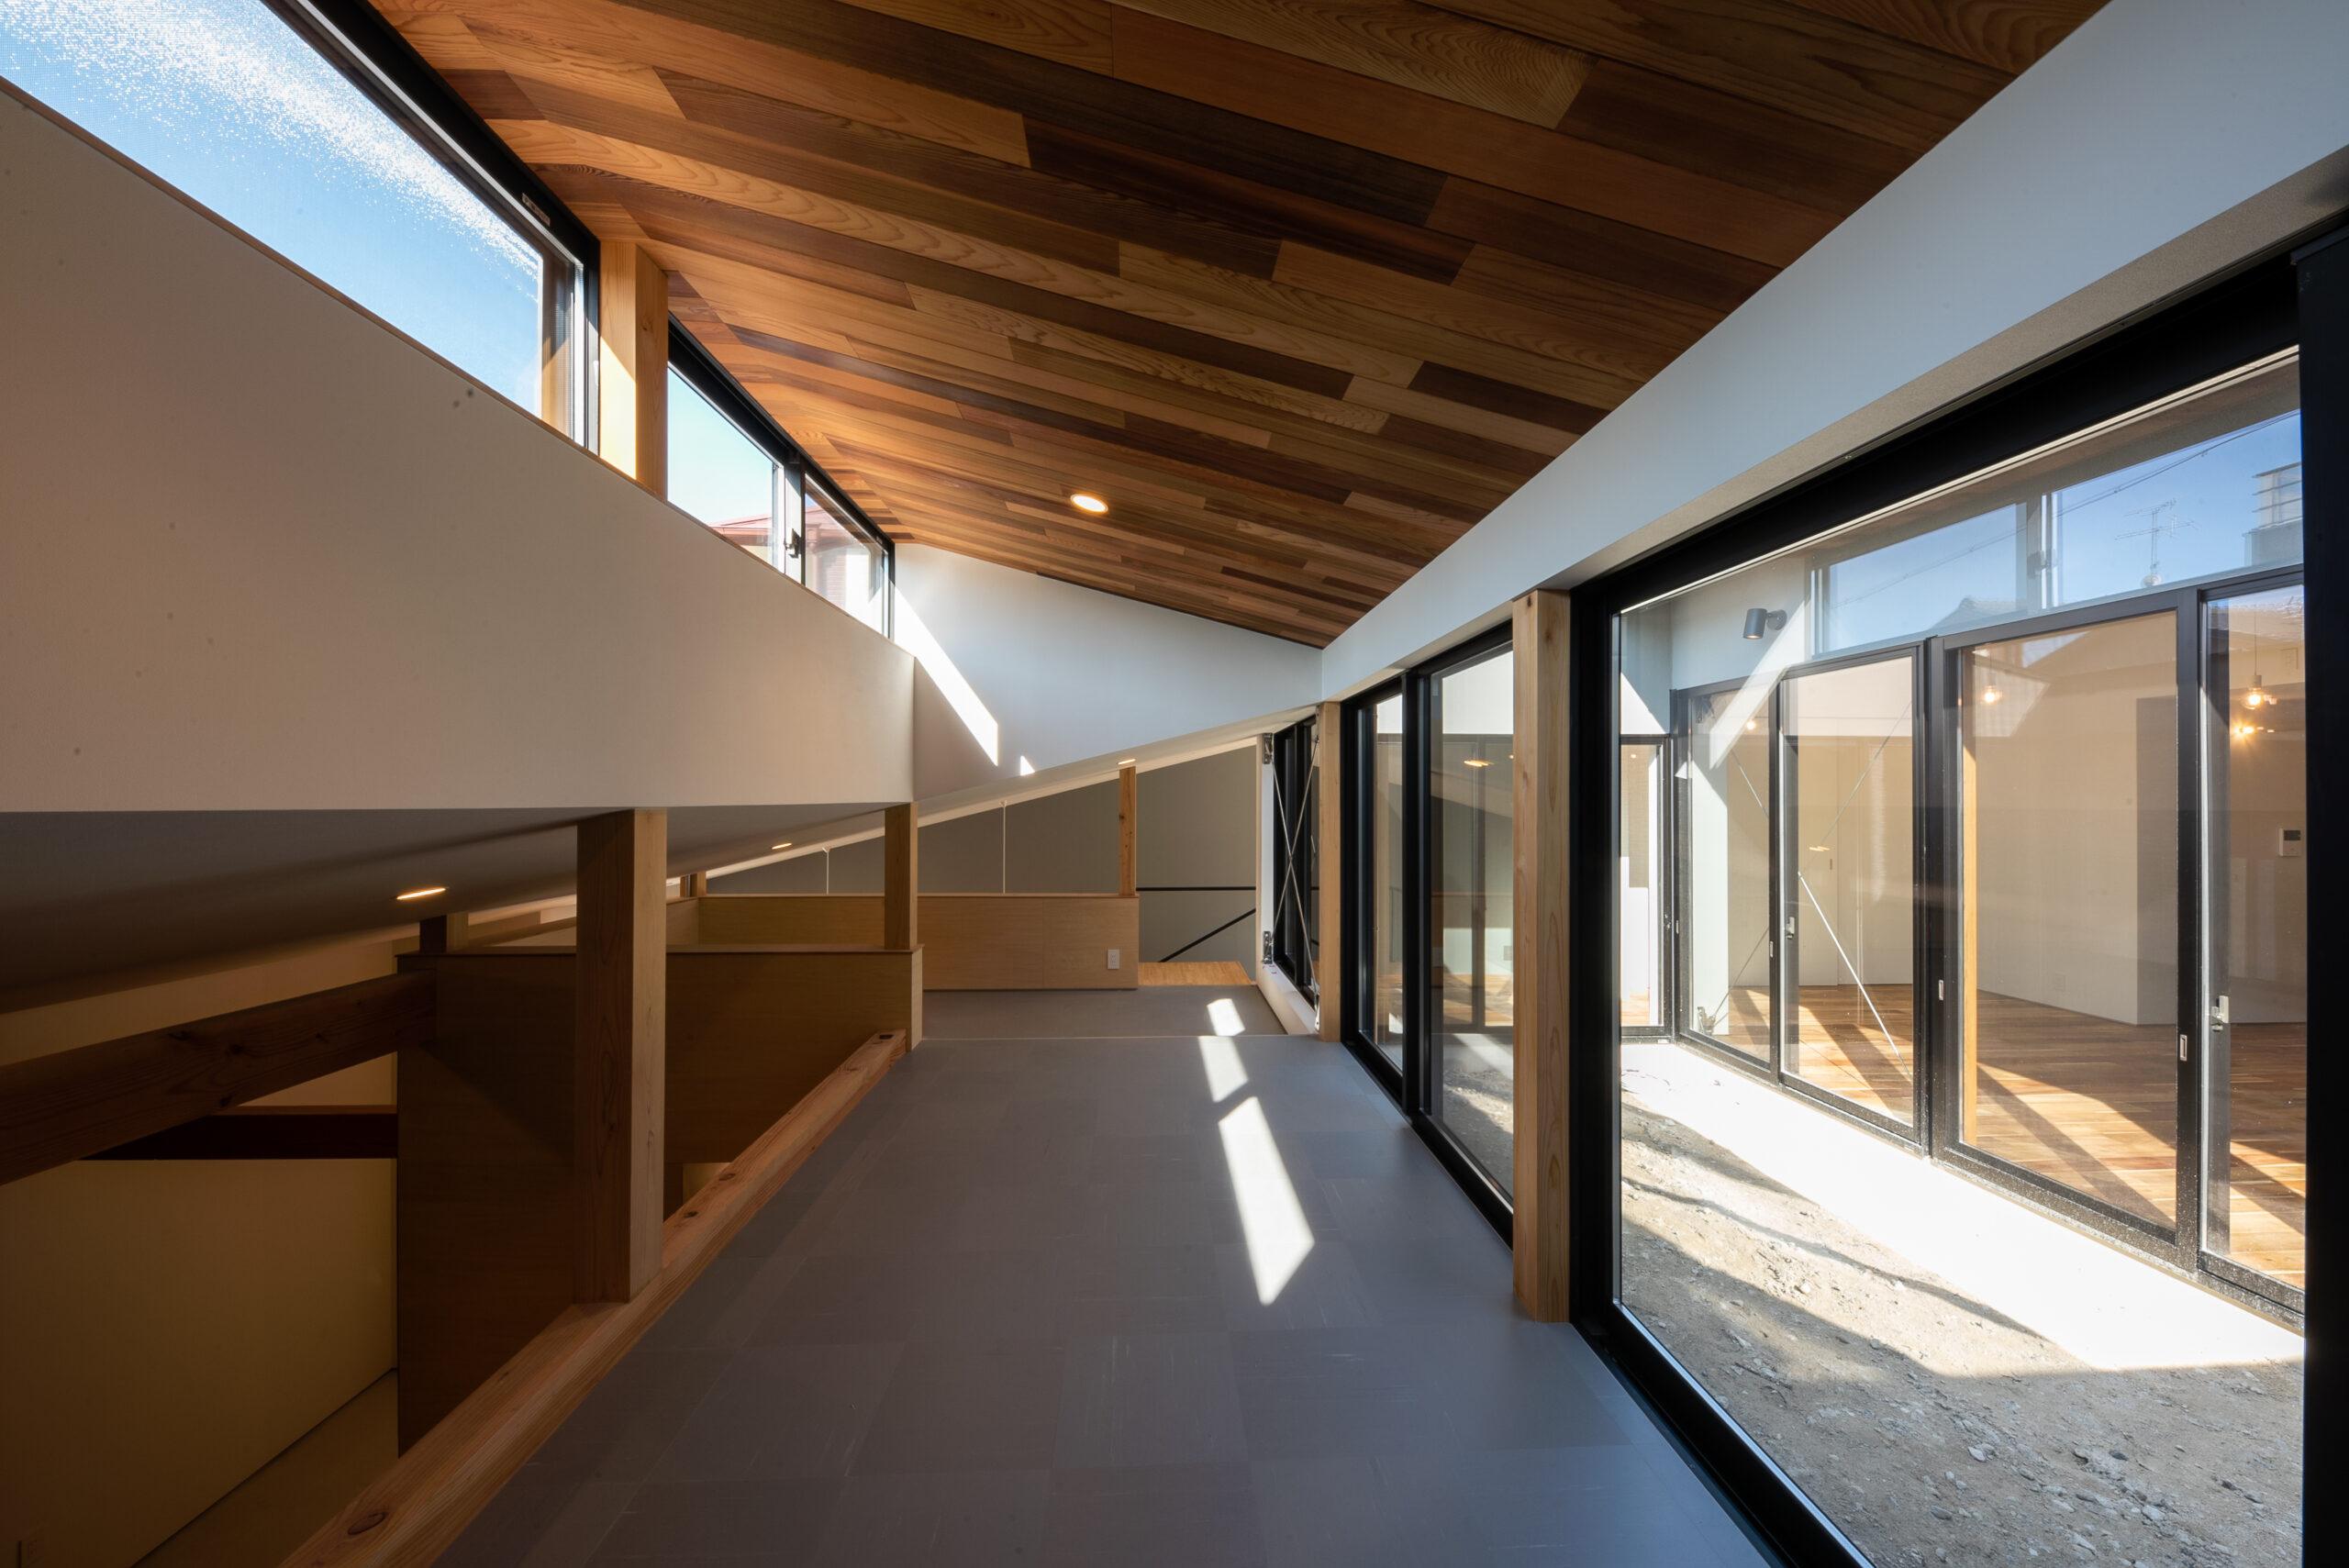 軒と縁側がつなぐ家11|犬山市の施工事例|建築家×工務店の注文住宅